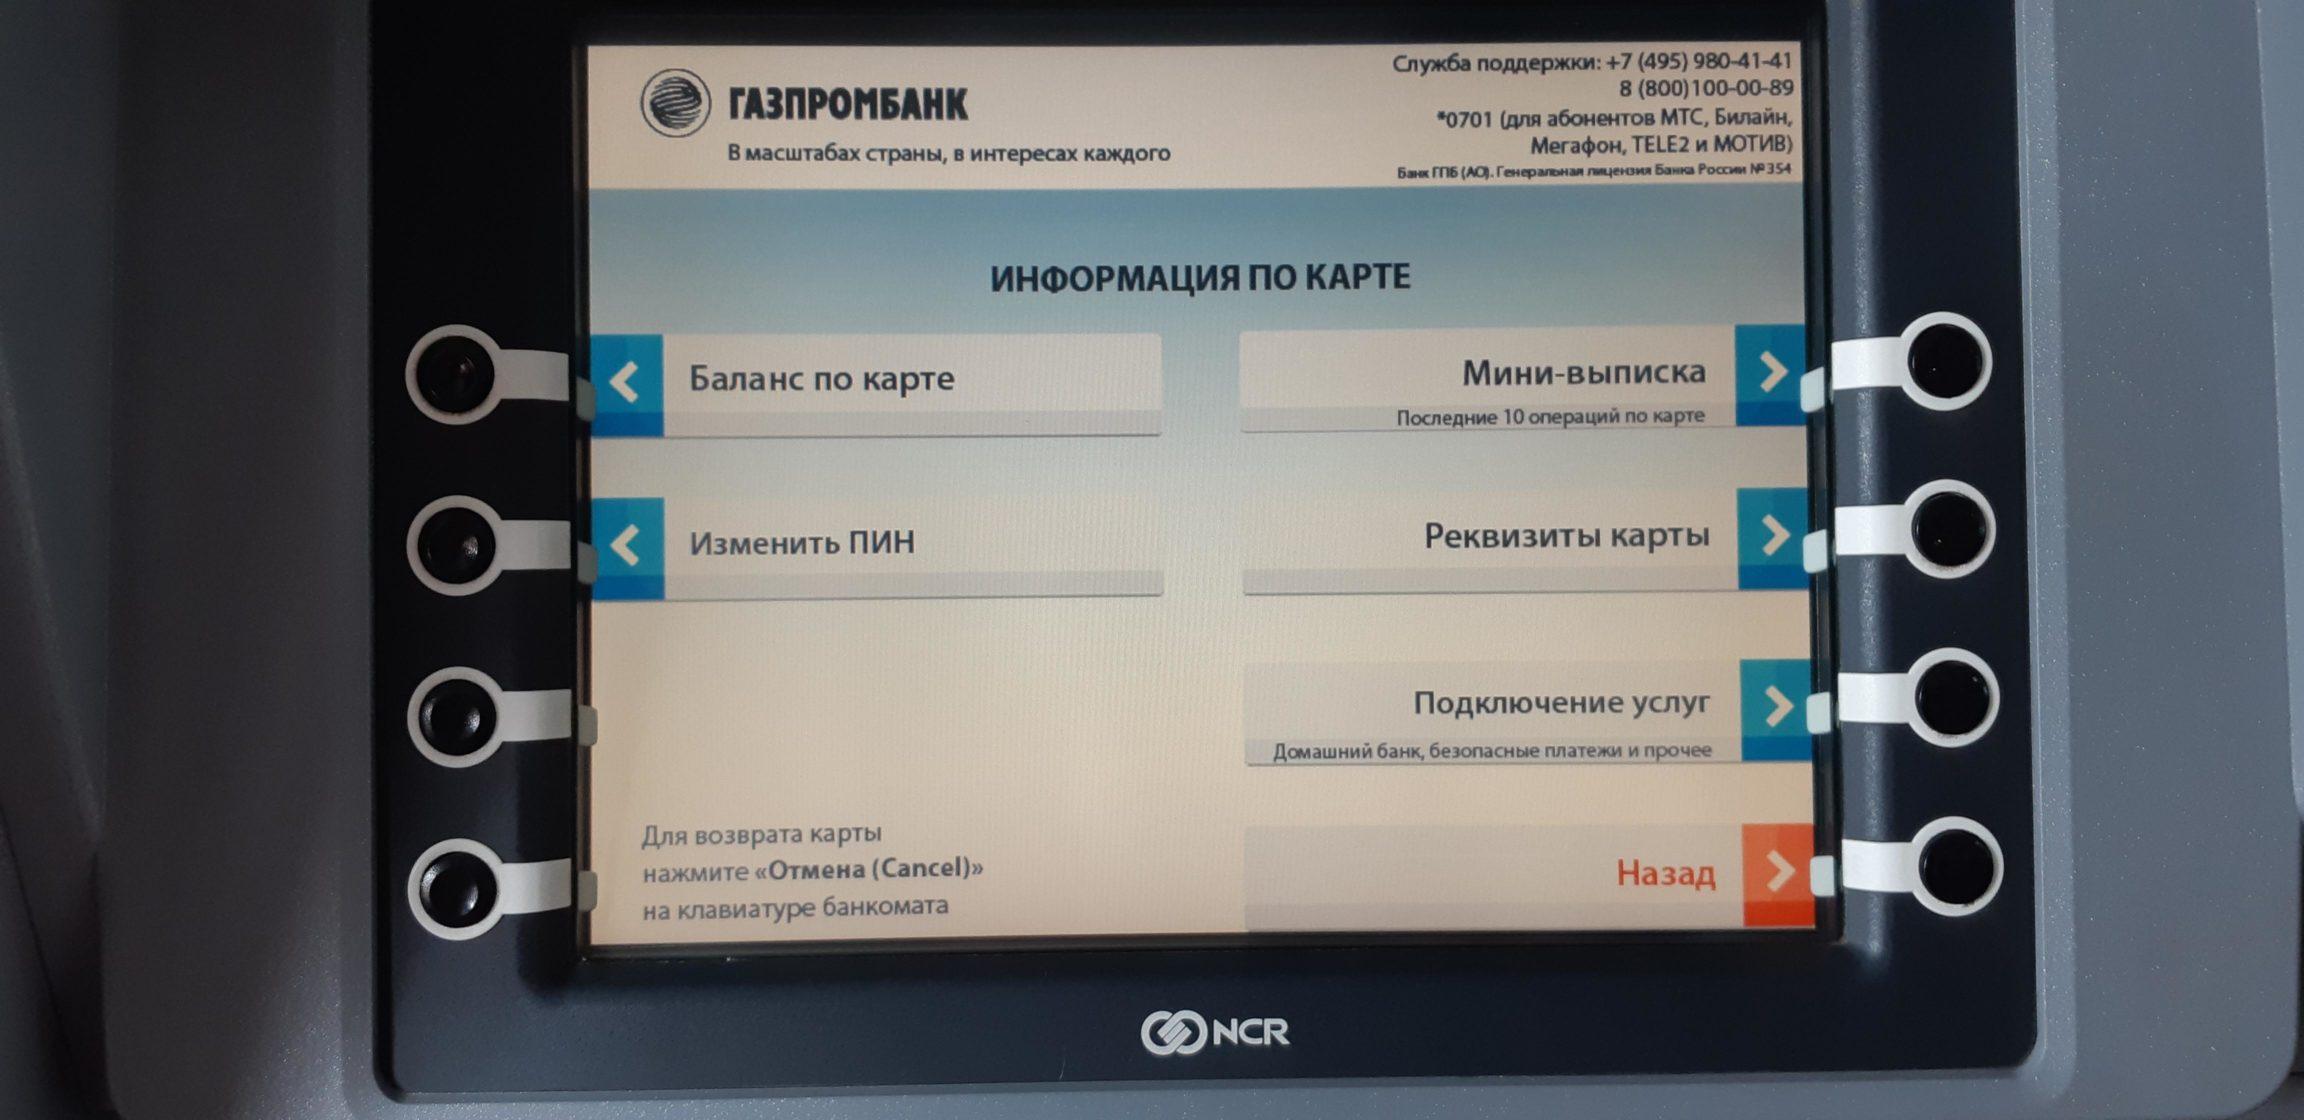 Регистрация в Интернет Банке через банкомат шаг 5